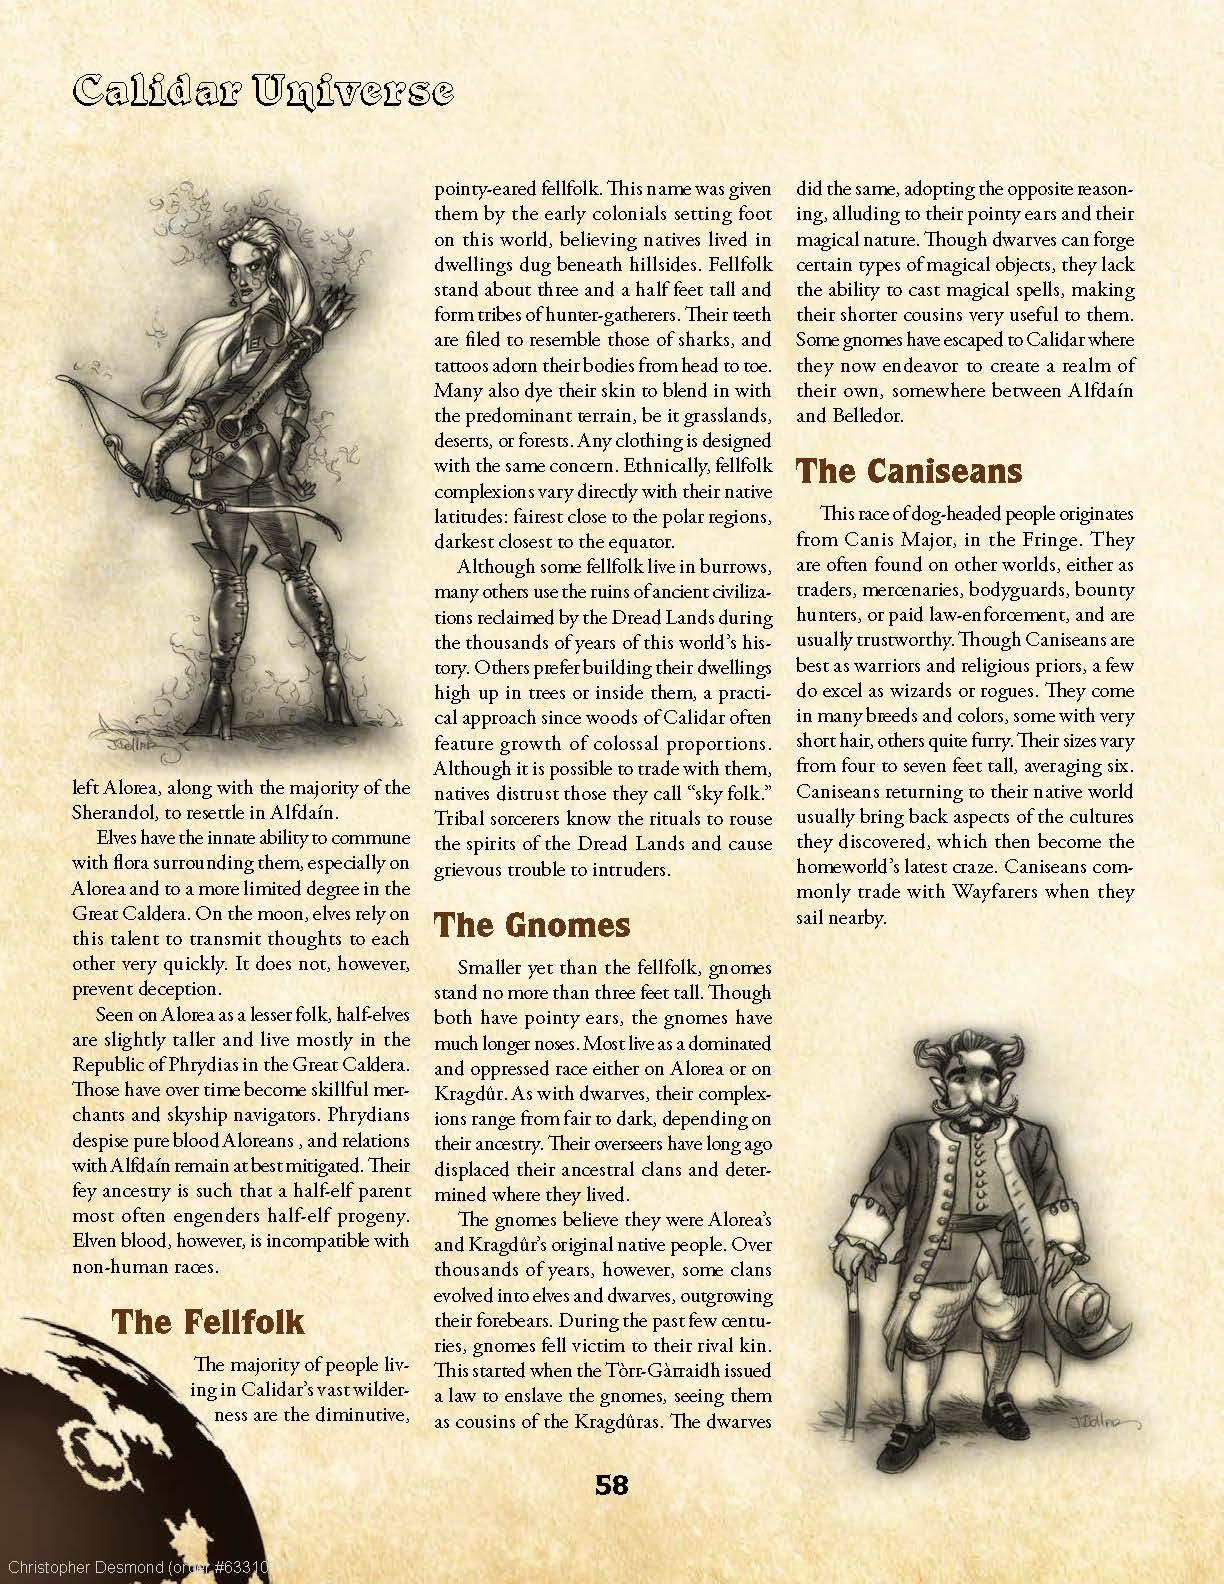 CAL1_Digital_1.1_Page_060.jpg